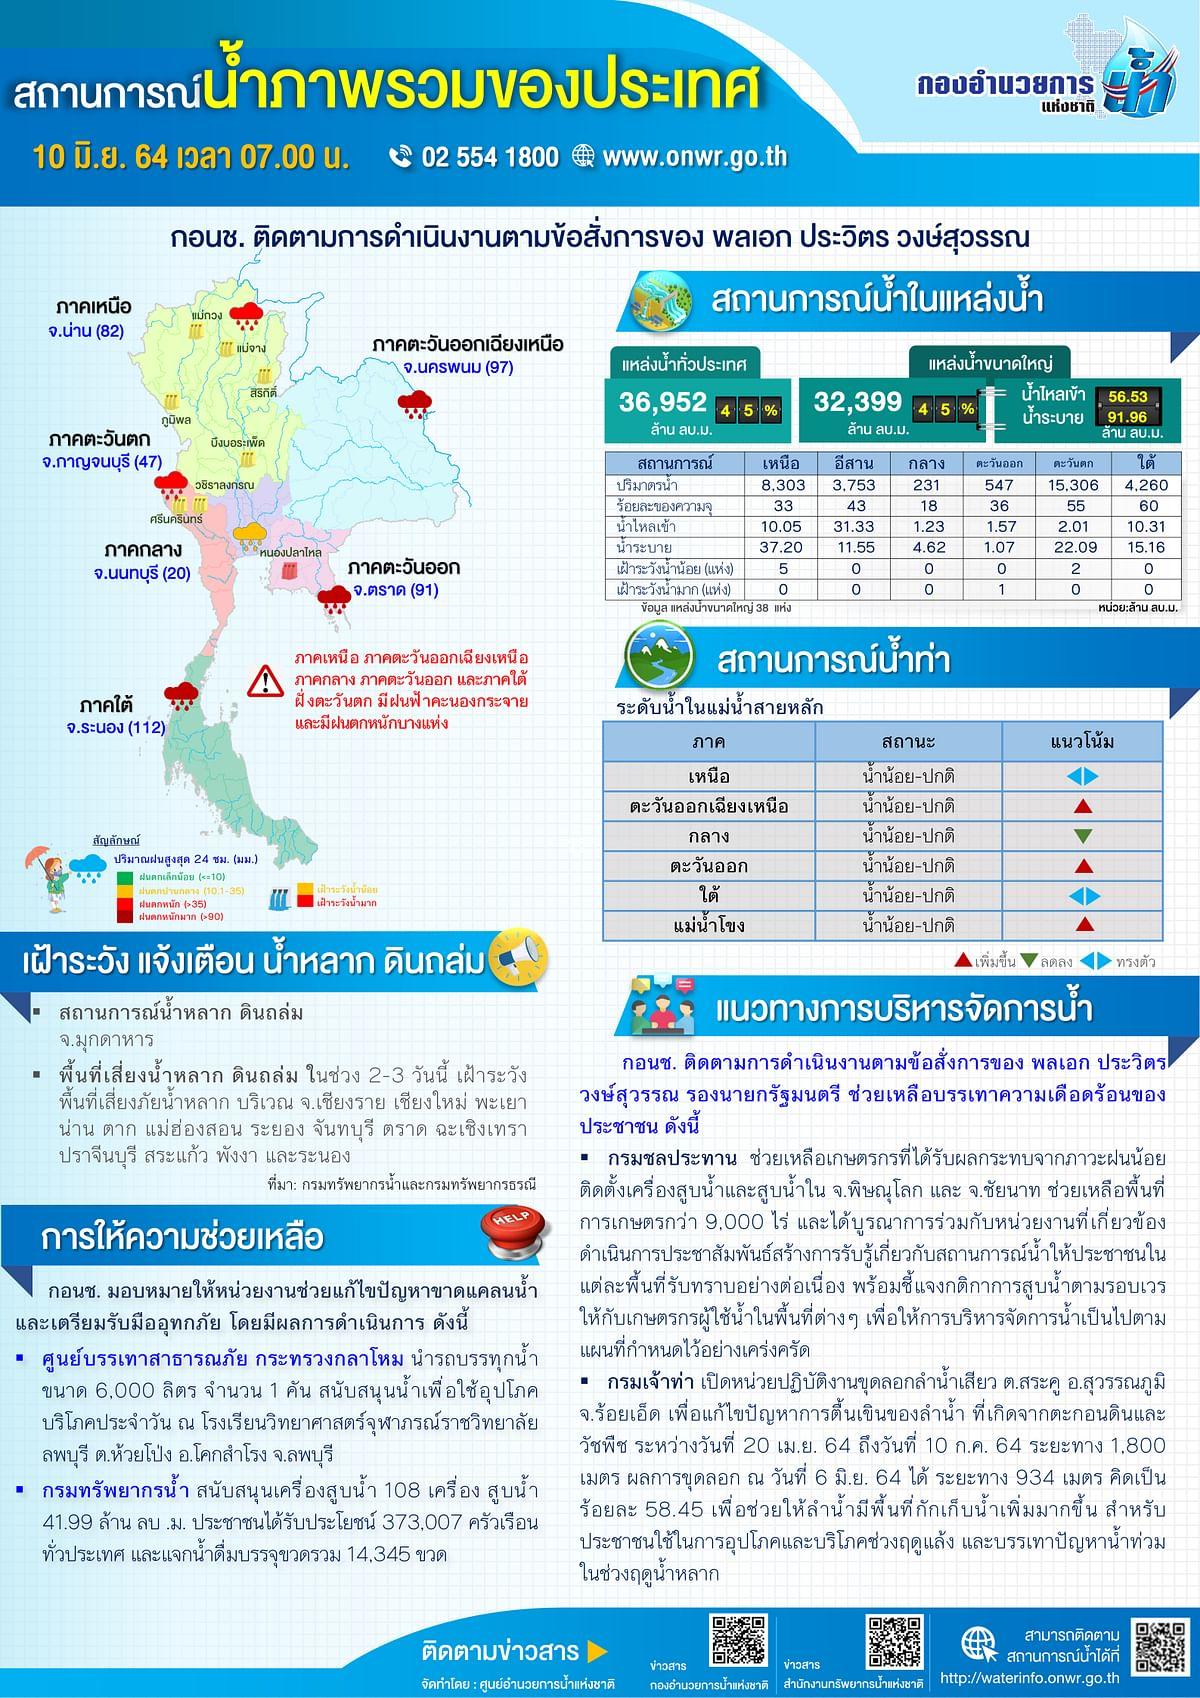 สถานการณ์น้ำภาพรวมของประเทศ 10 มิถุนายน 2564